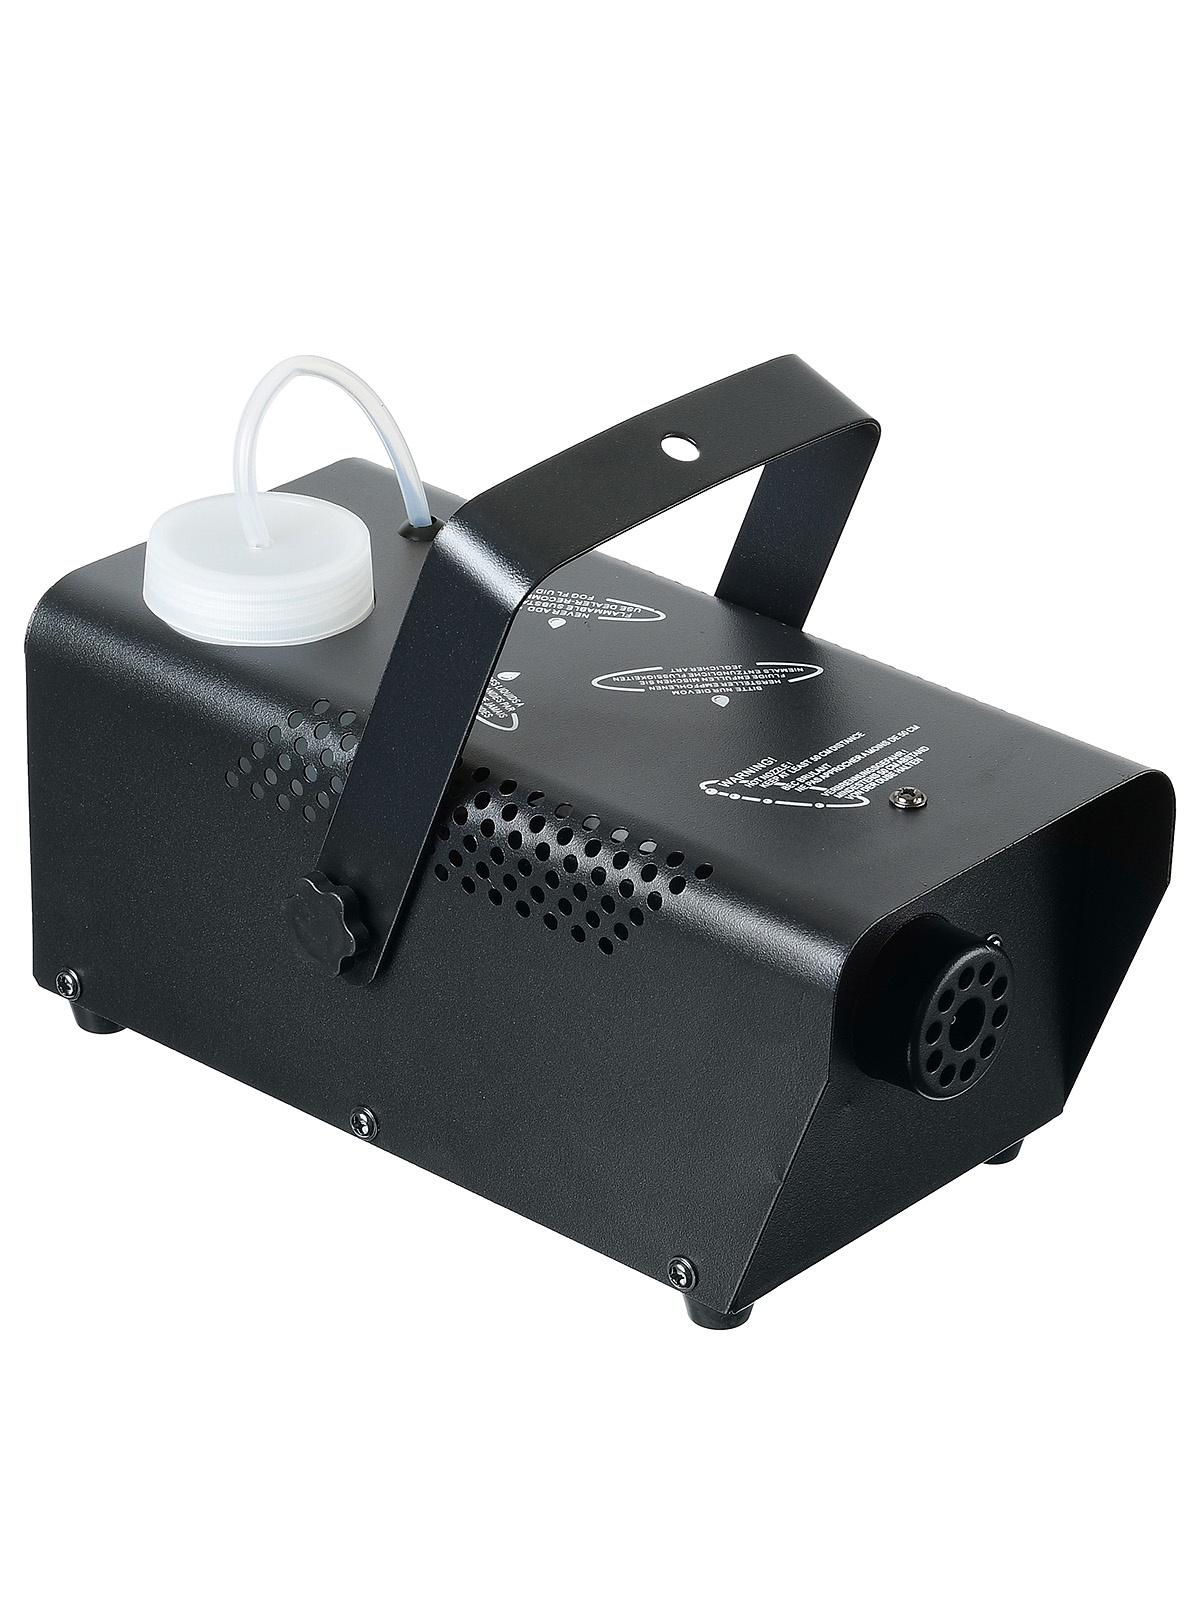 X-POWER X-04 - дым-машина, беспроводной пульт в комплекте